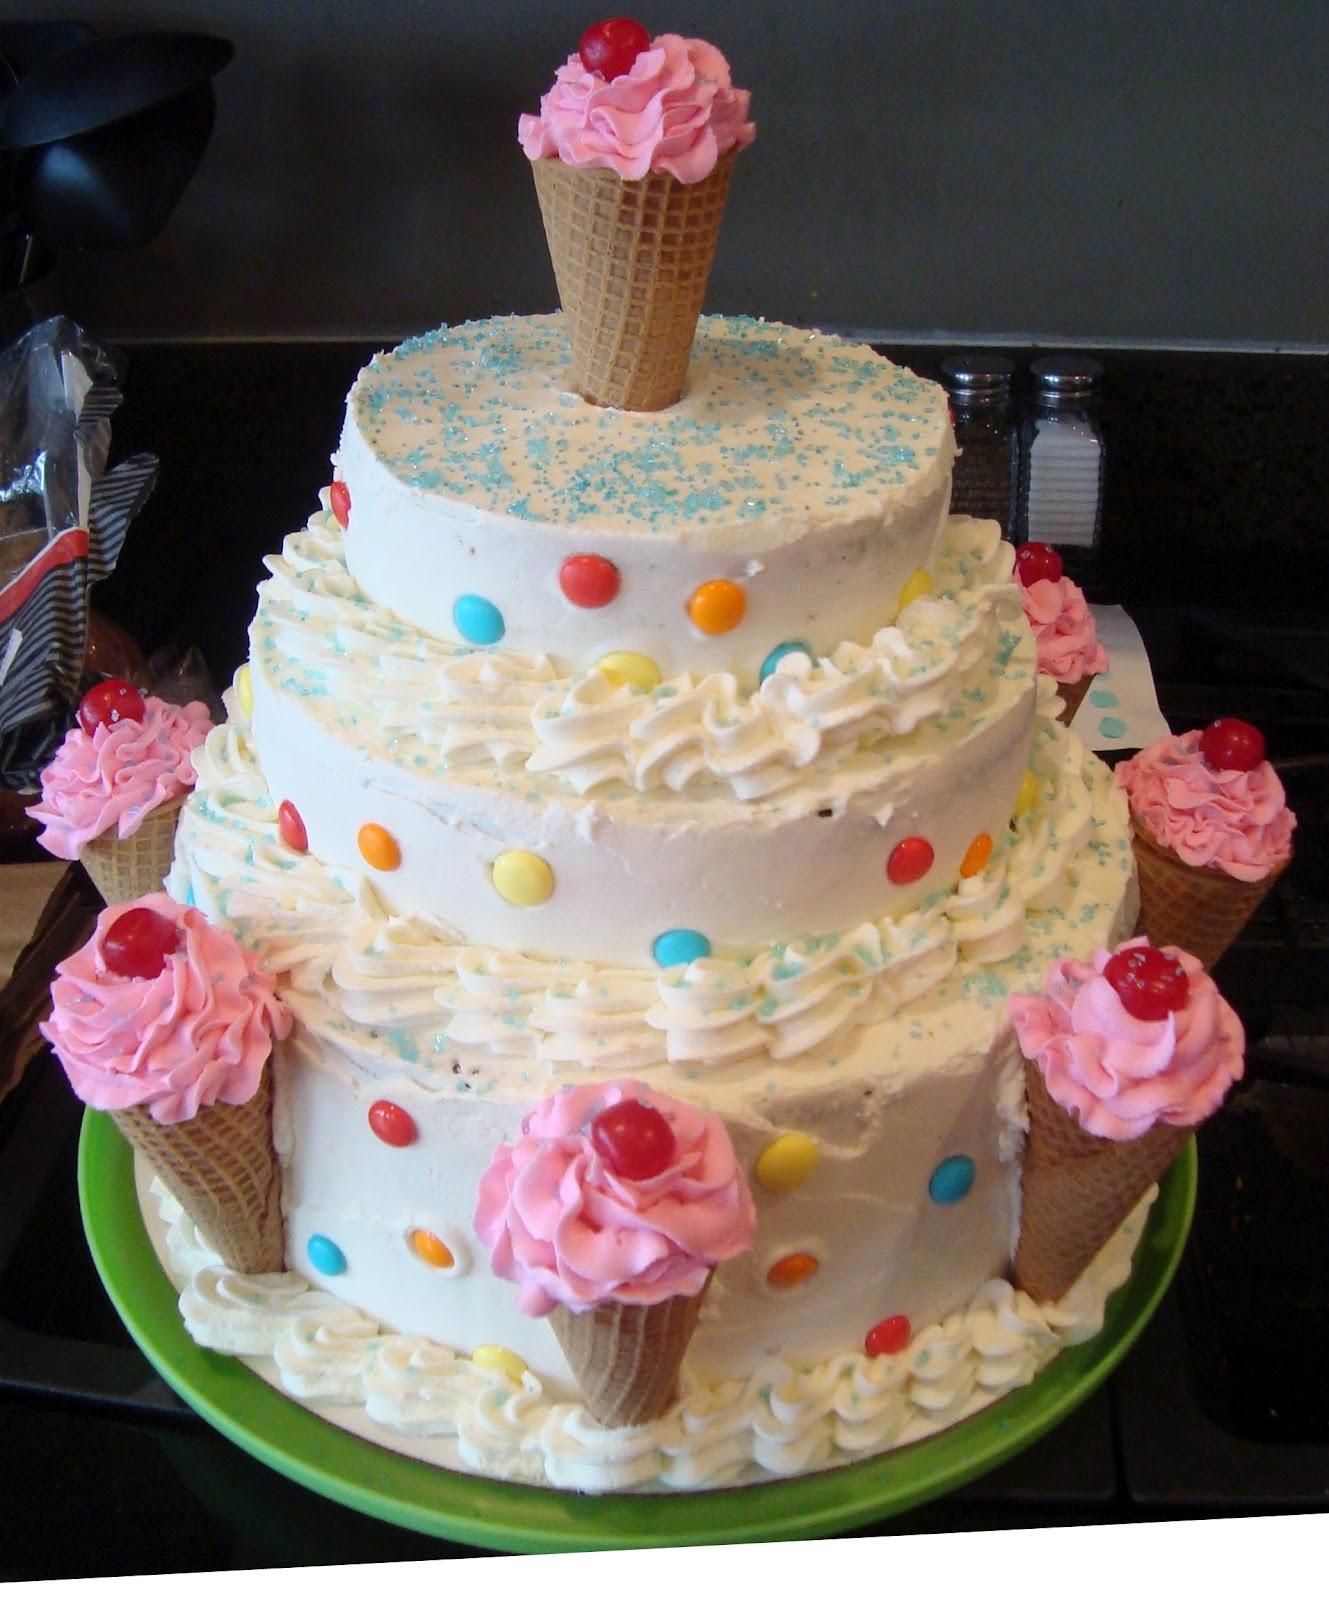 The DingaLinges: The Ice Cream Cone Cake